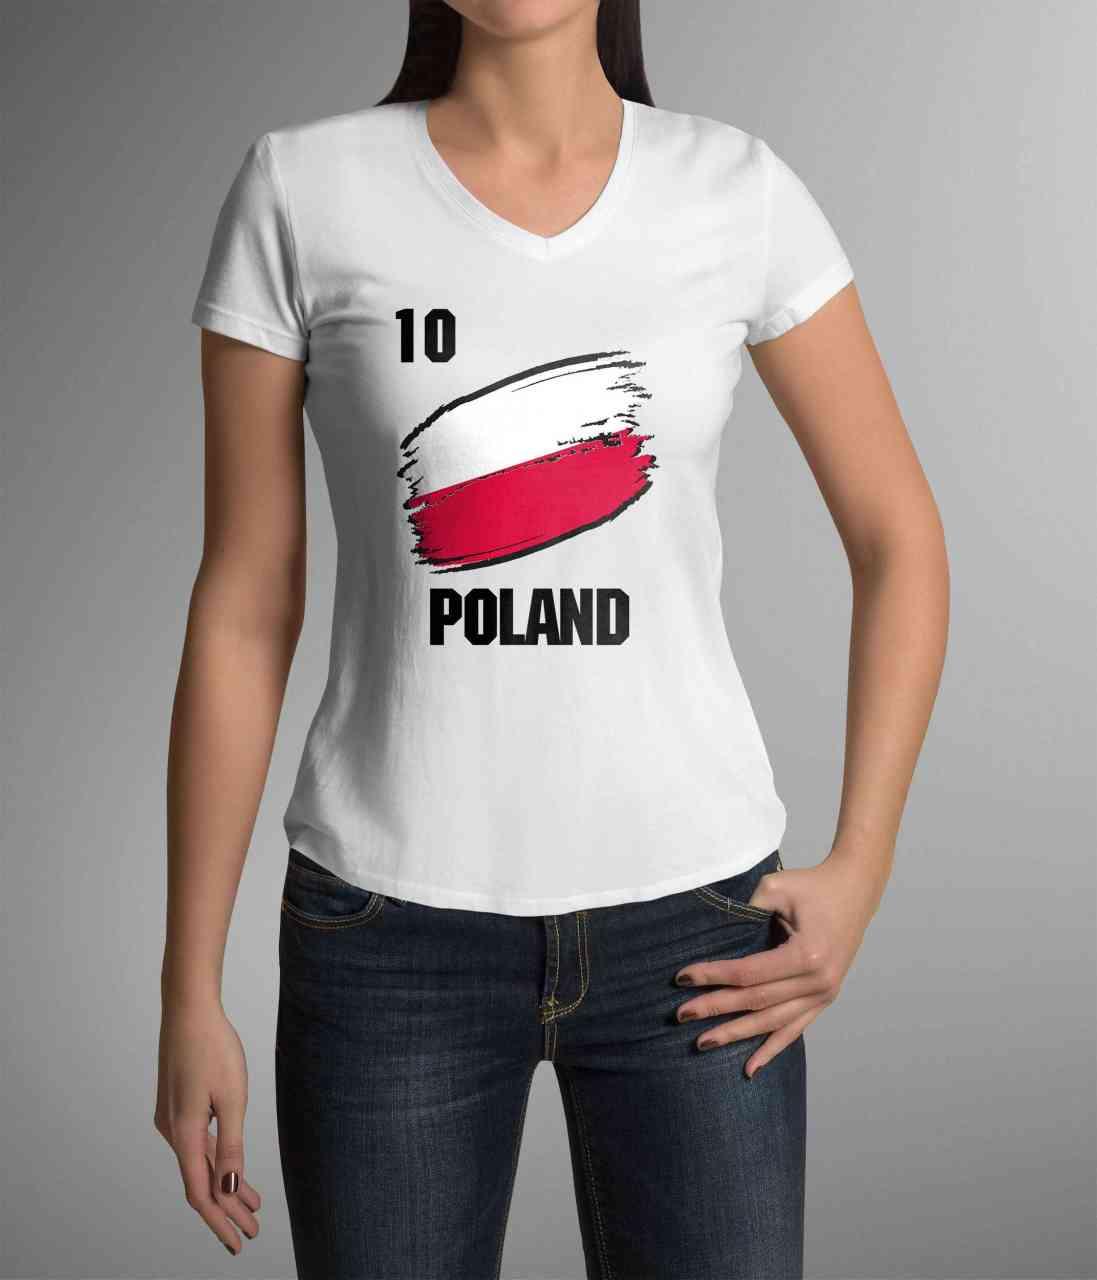 Poland | Polen | Männer oder Frauen Trikot T - Shirt mit Wunsch Nummer + Wunsch Name | WM 2018